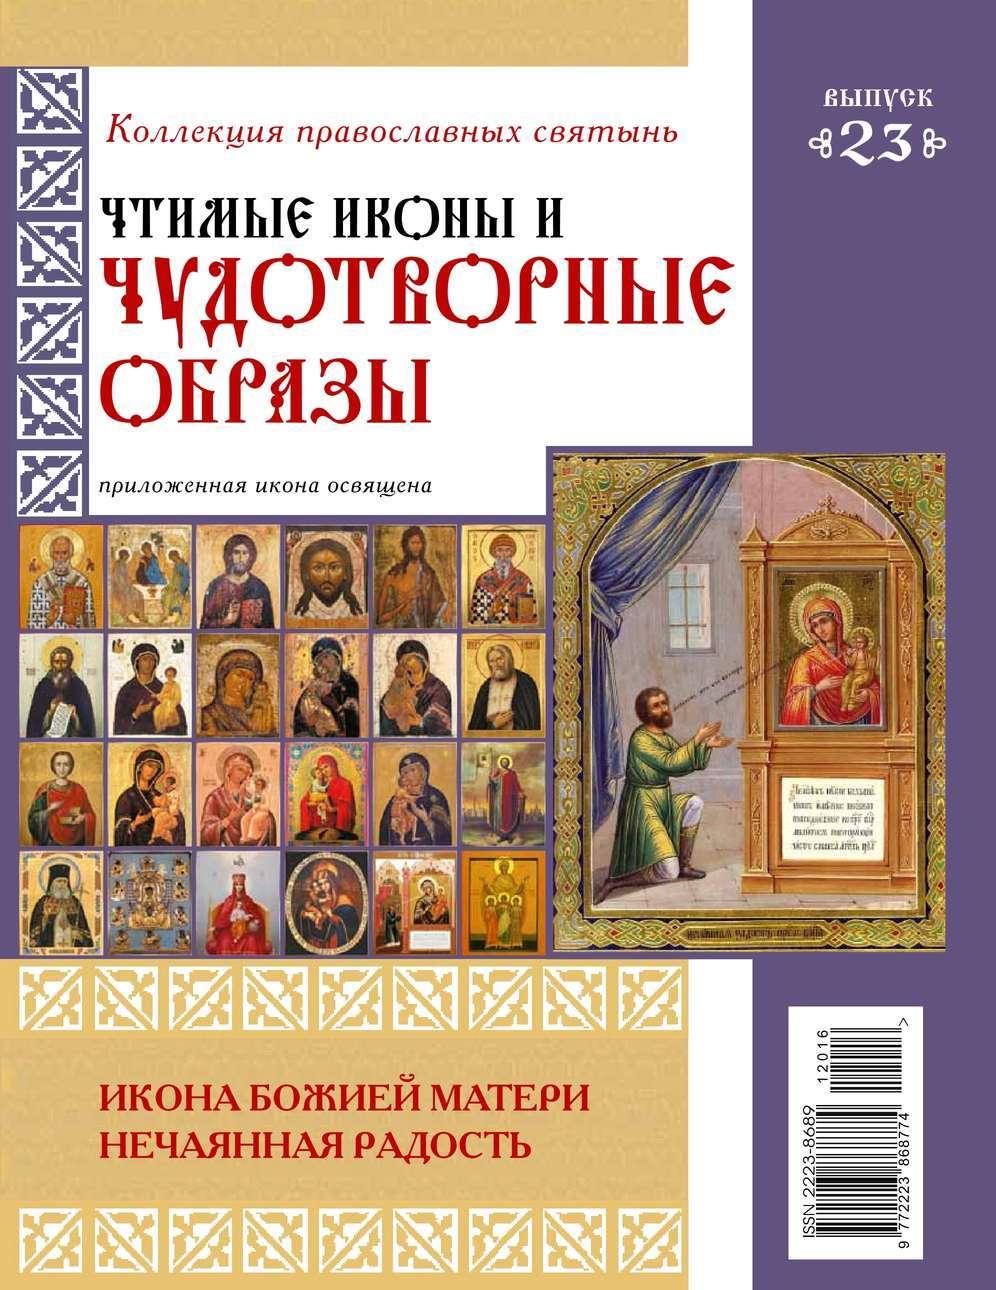 Коллекция Православных Святынь 23